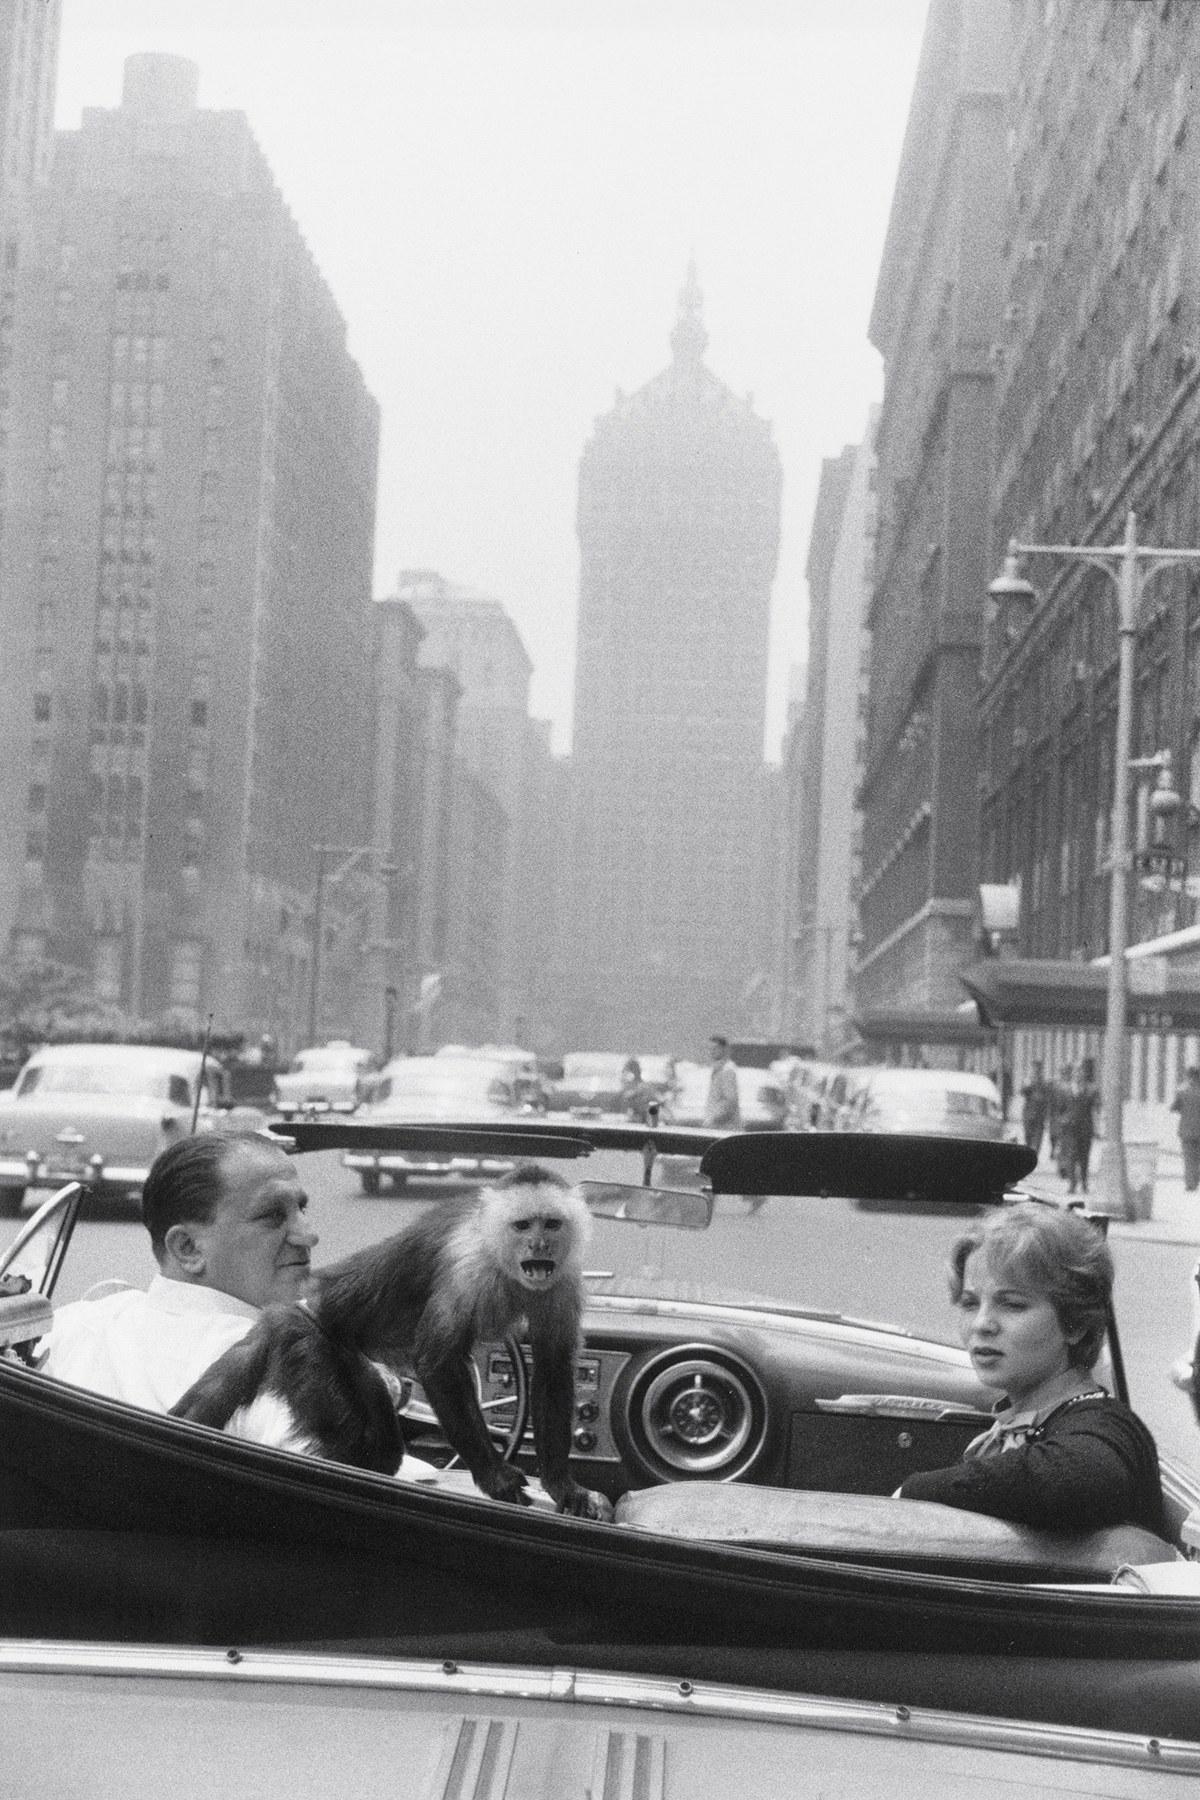 Photo by Garry Winogrand, New York, c. 1962.